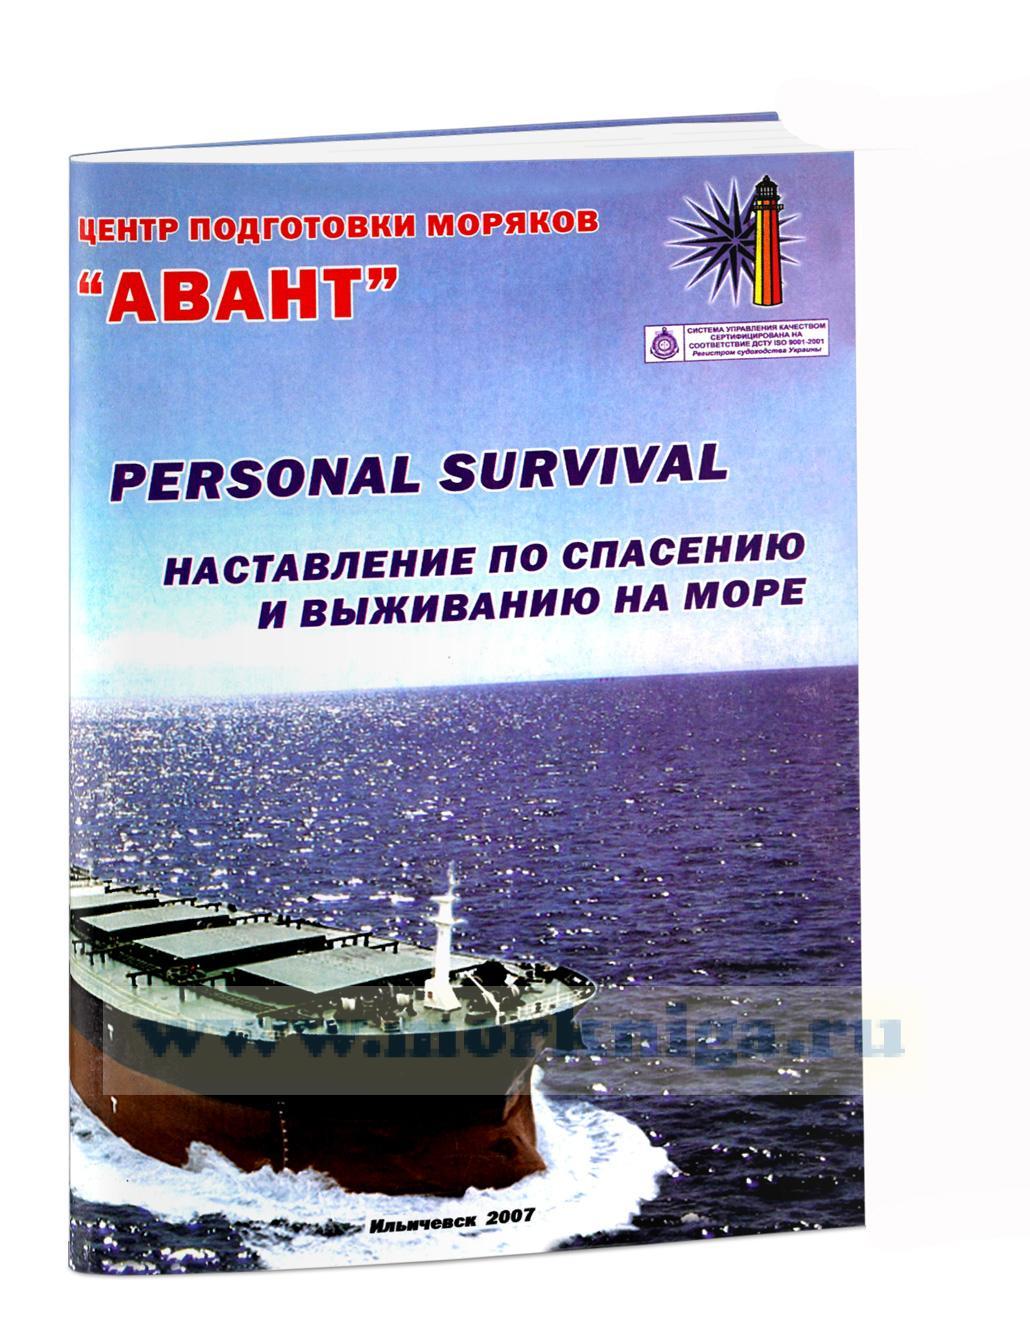 Наставление по спасению и выживанию на море. Personal Survival